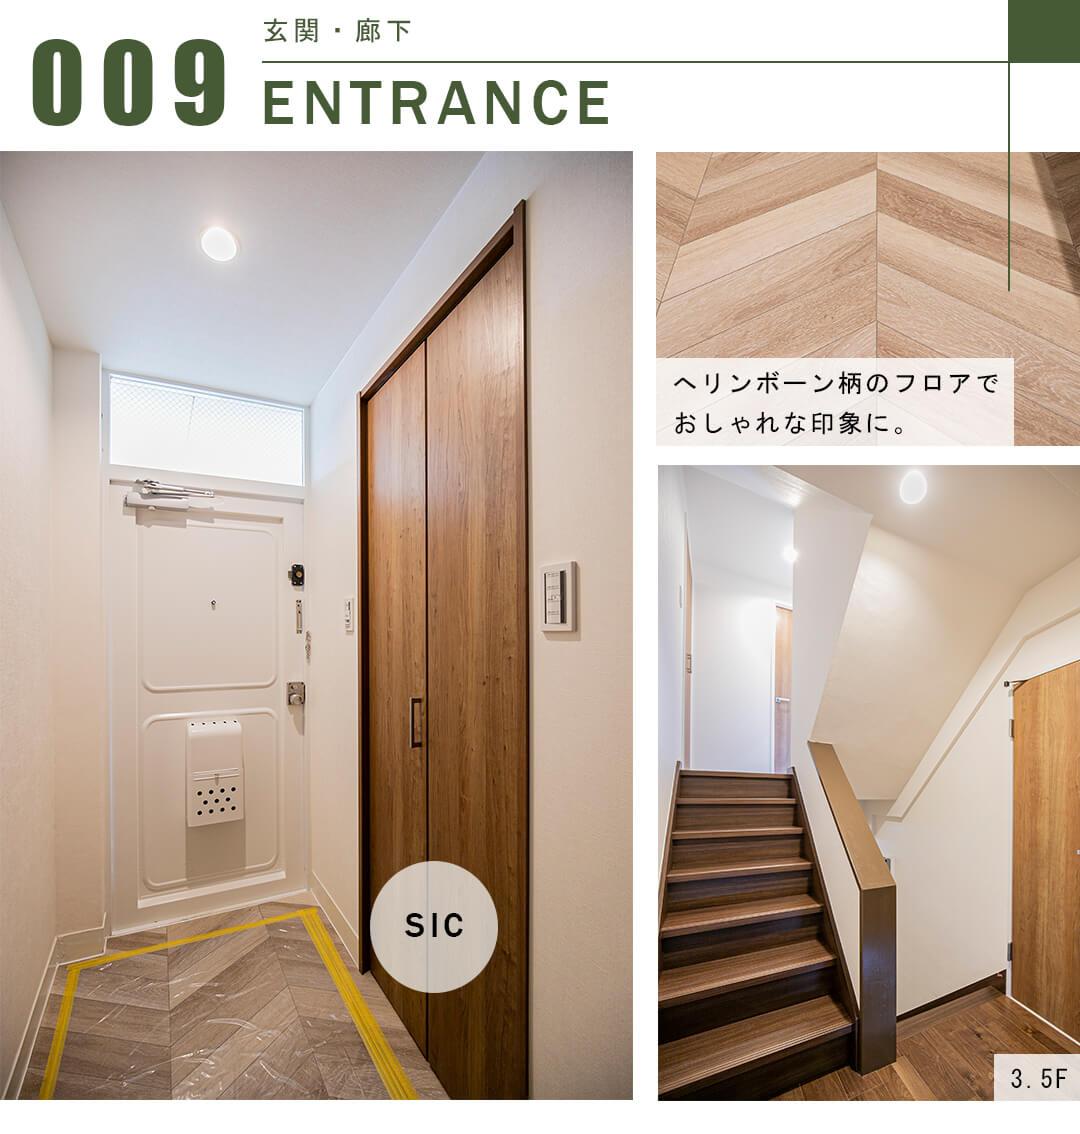 代田セントラルマンションの玄関と廊下